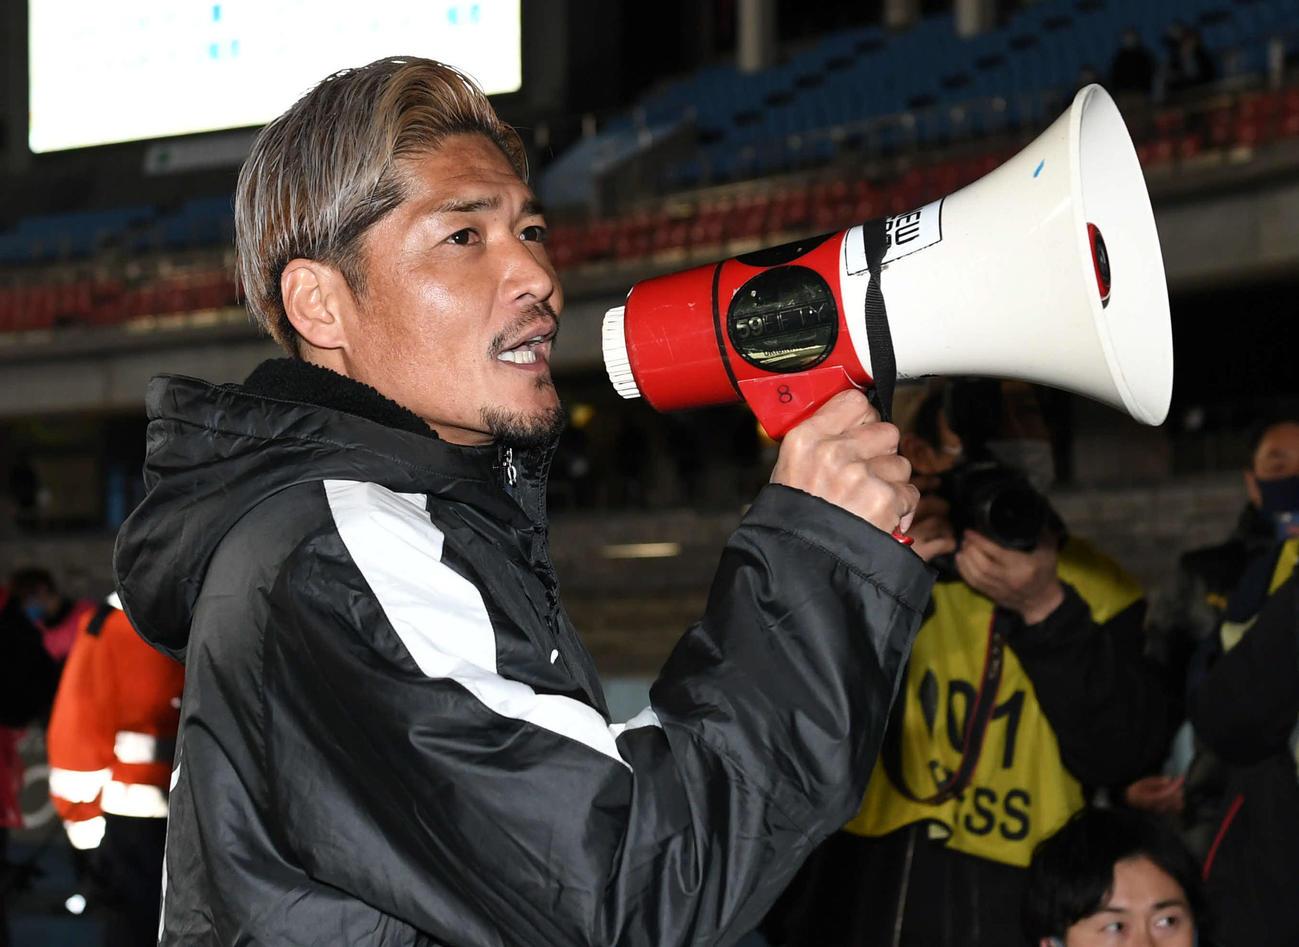 川崎F対C大阪 試合後、川崎FサポーターにあいさつするC大阪FW大久保(撮影・山崎安昭)